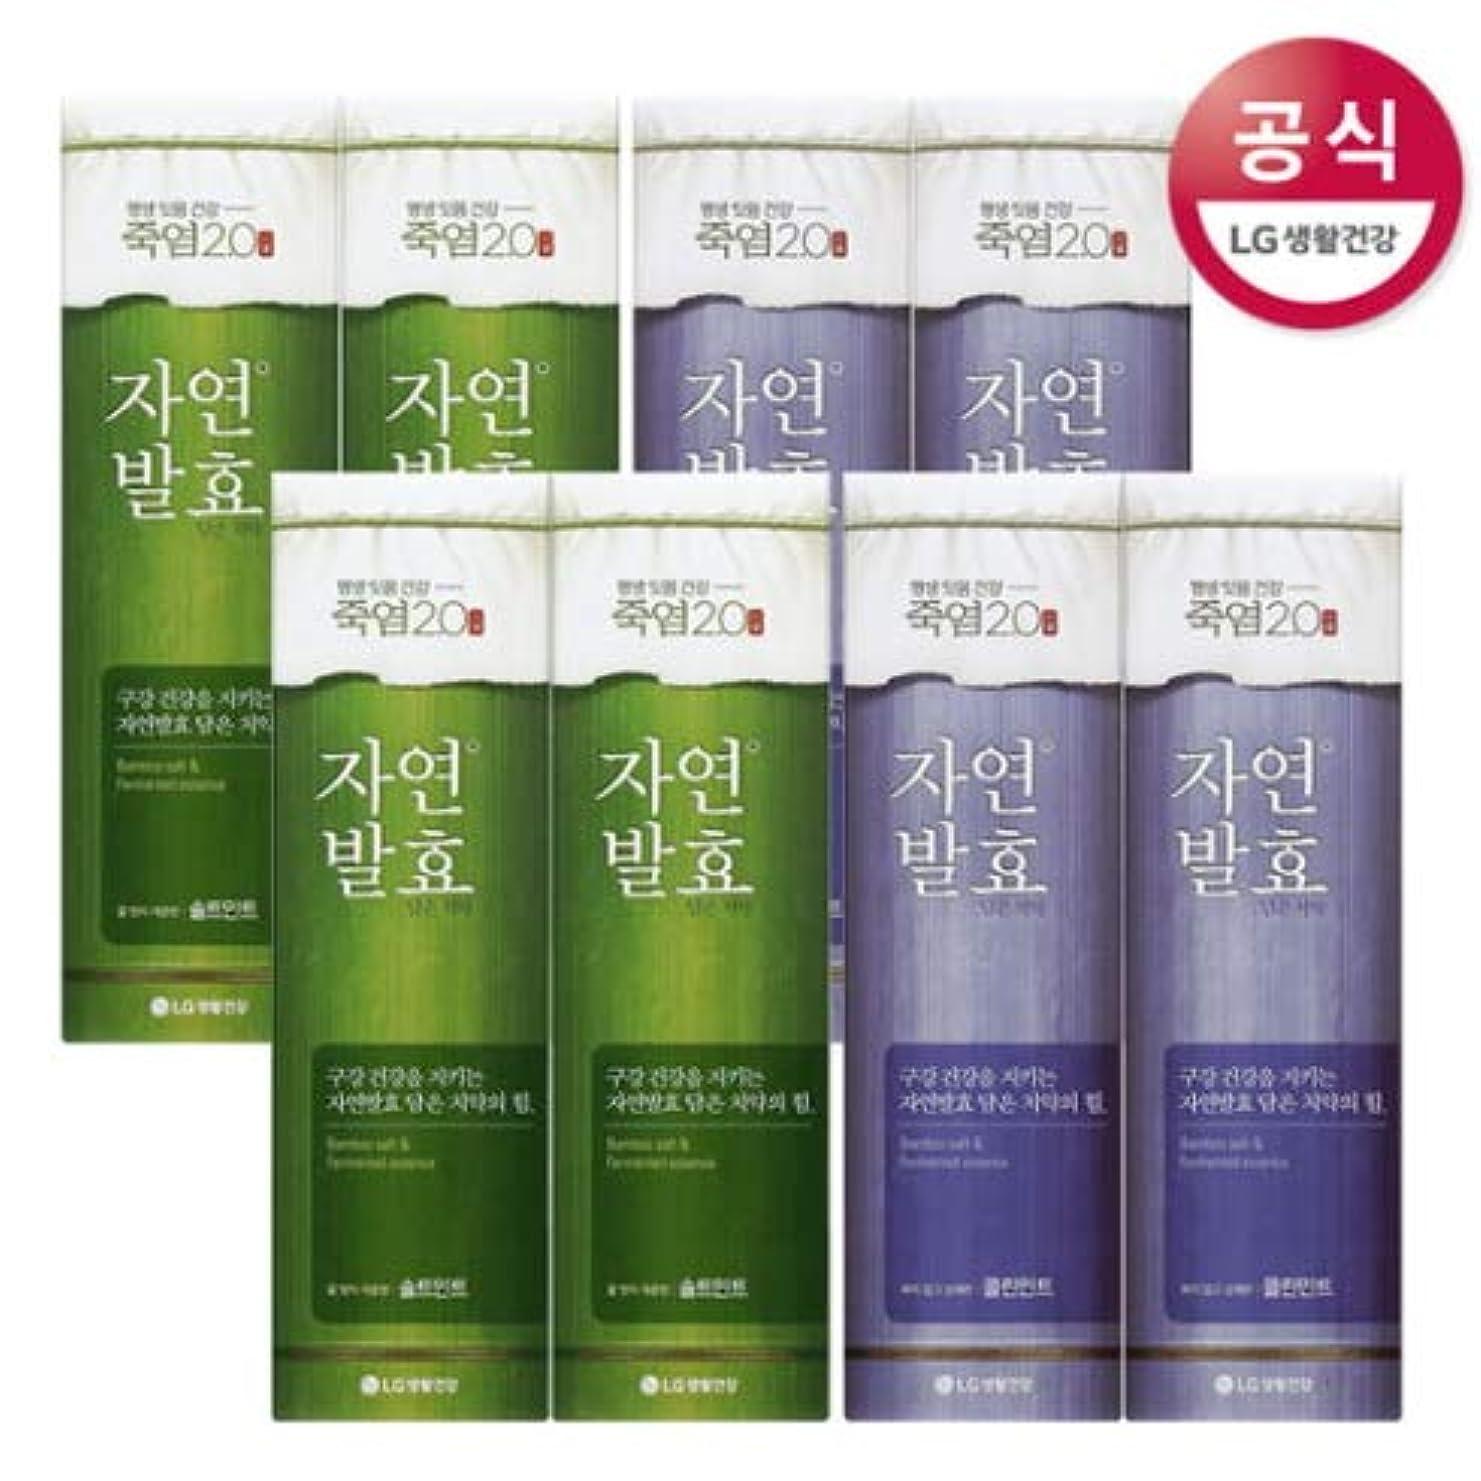 置換馬鹿業界[LG HnB] Bamboo salt natural fermentation toothpaste/竹塩自然発酵入れた歯磨き粉 100gx8個(海外直送品)